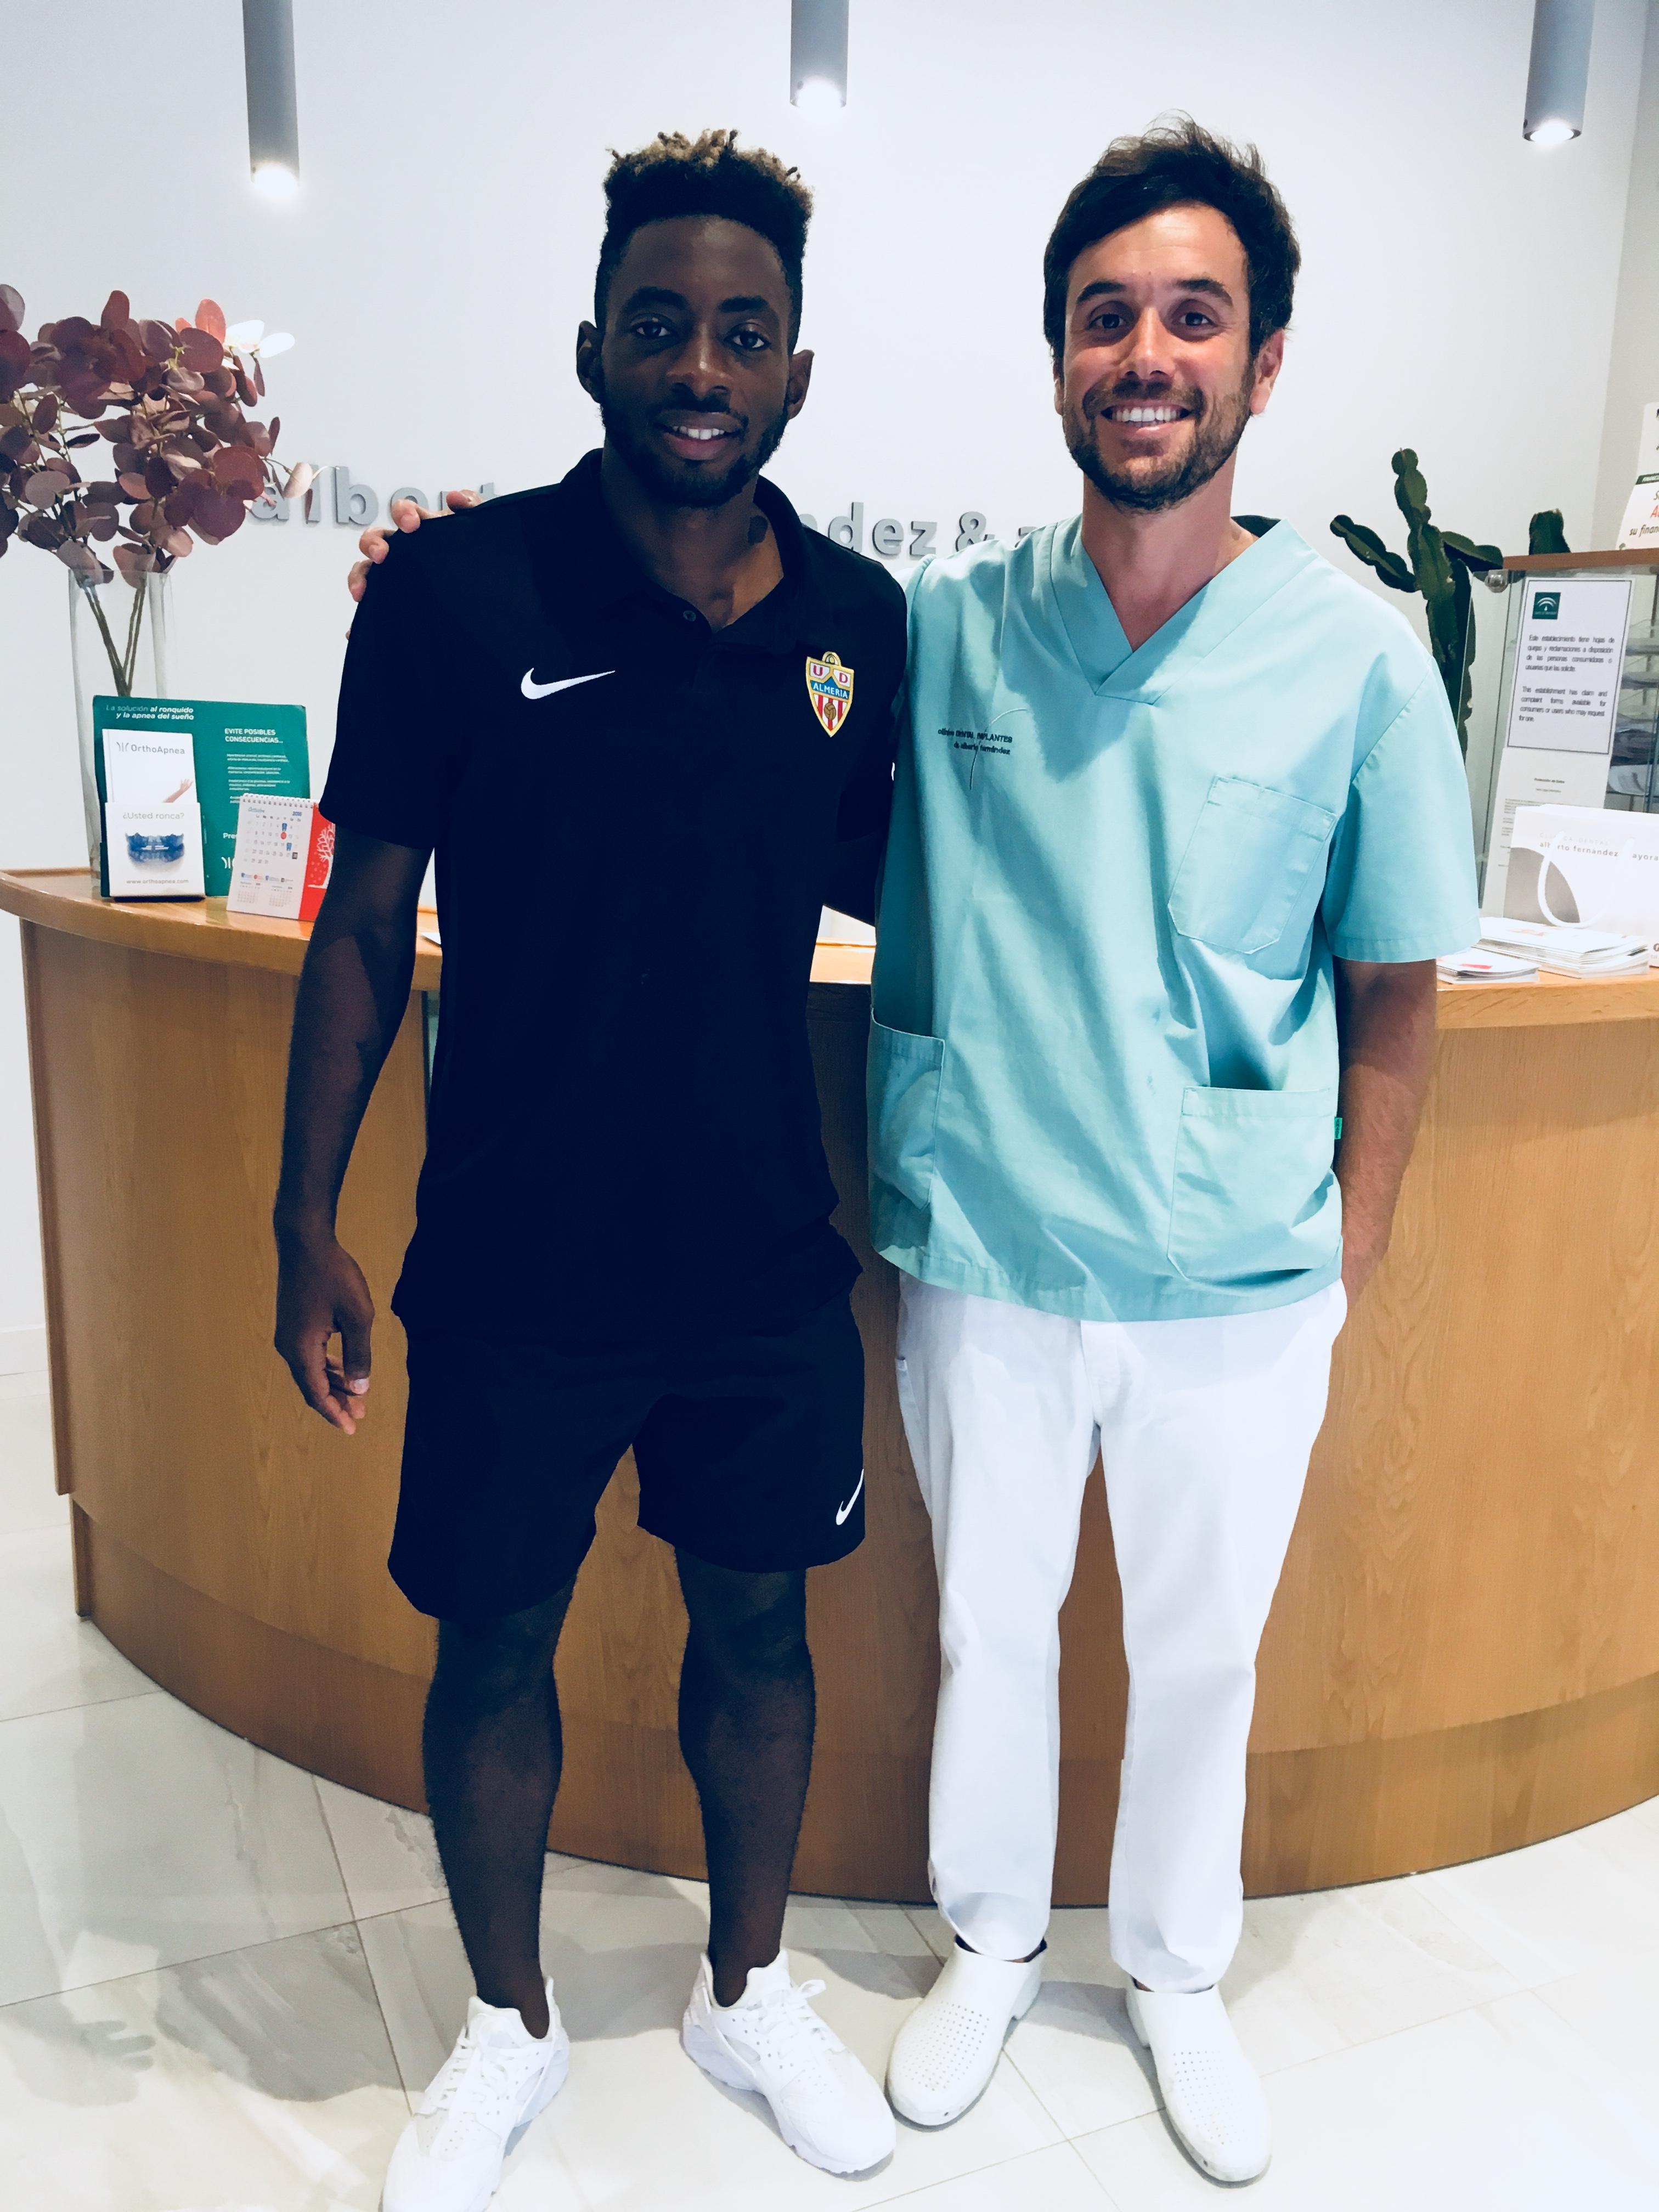 Colaboración Clinica Dental Fernandez Ayora y el club UD Almeria